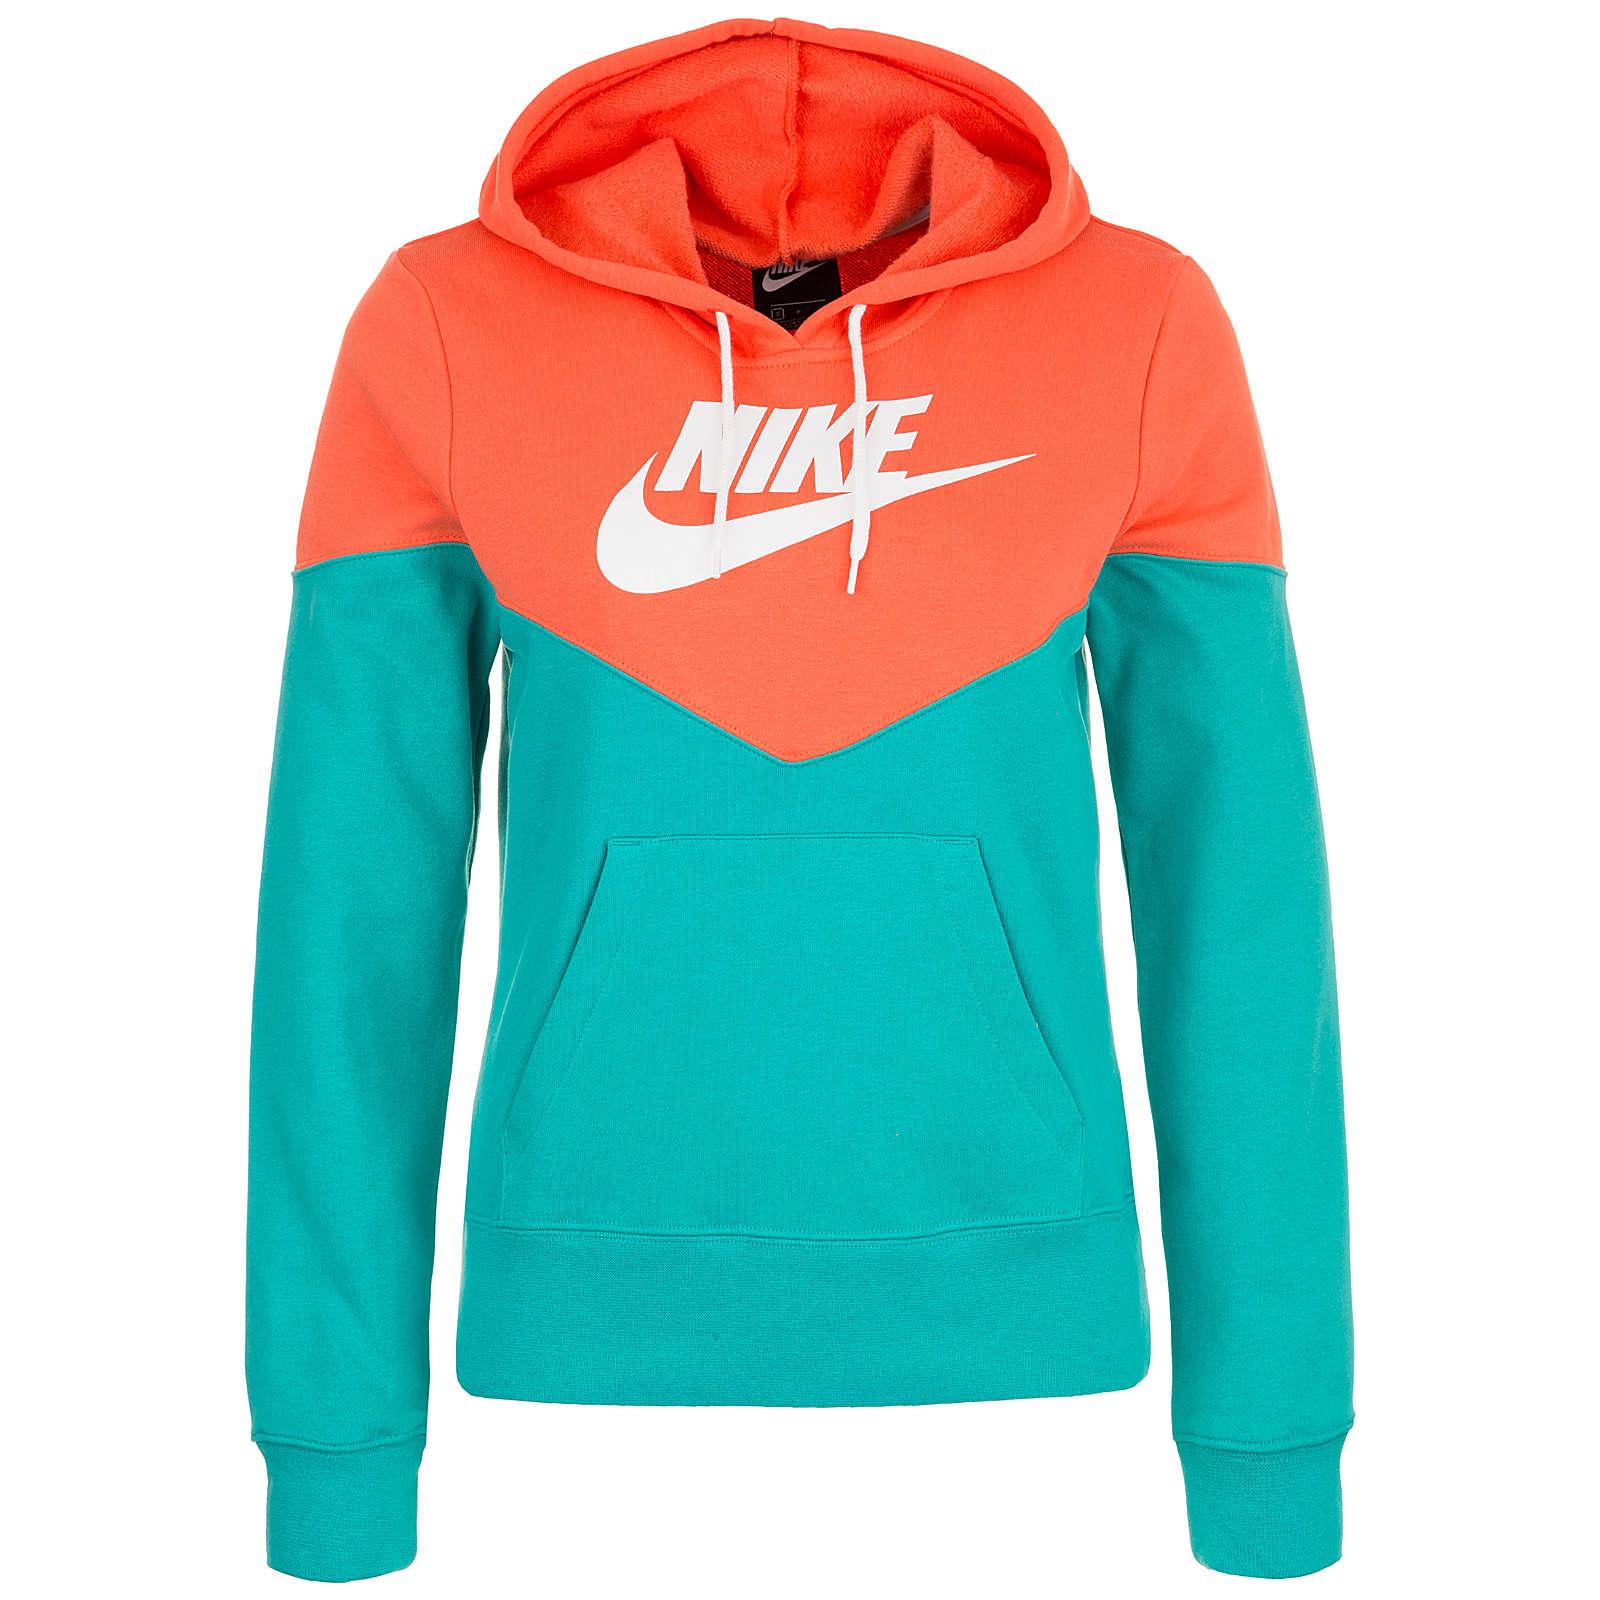 Nike Sportswear Heritage Fleece Kapuzenpullover Damen orange Damen Gr. 36